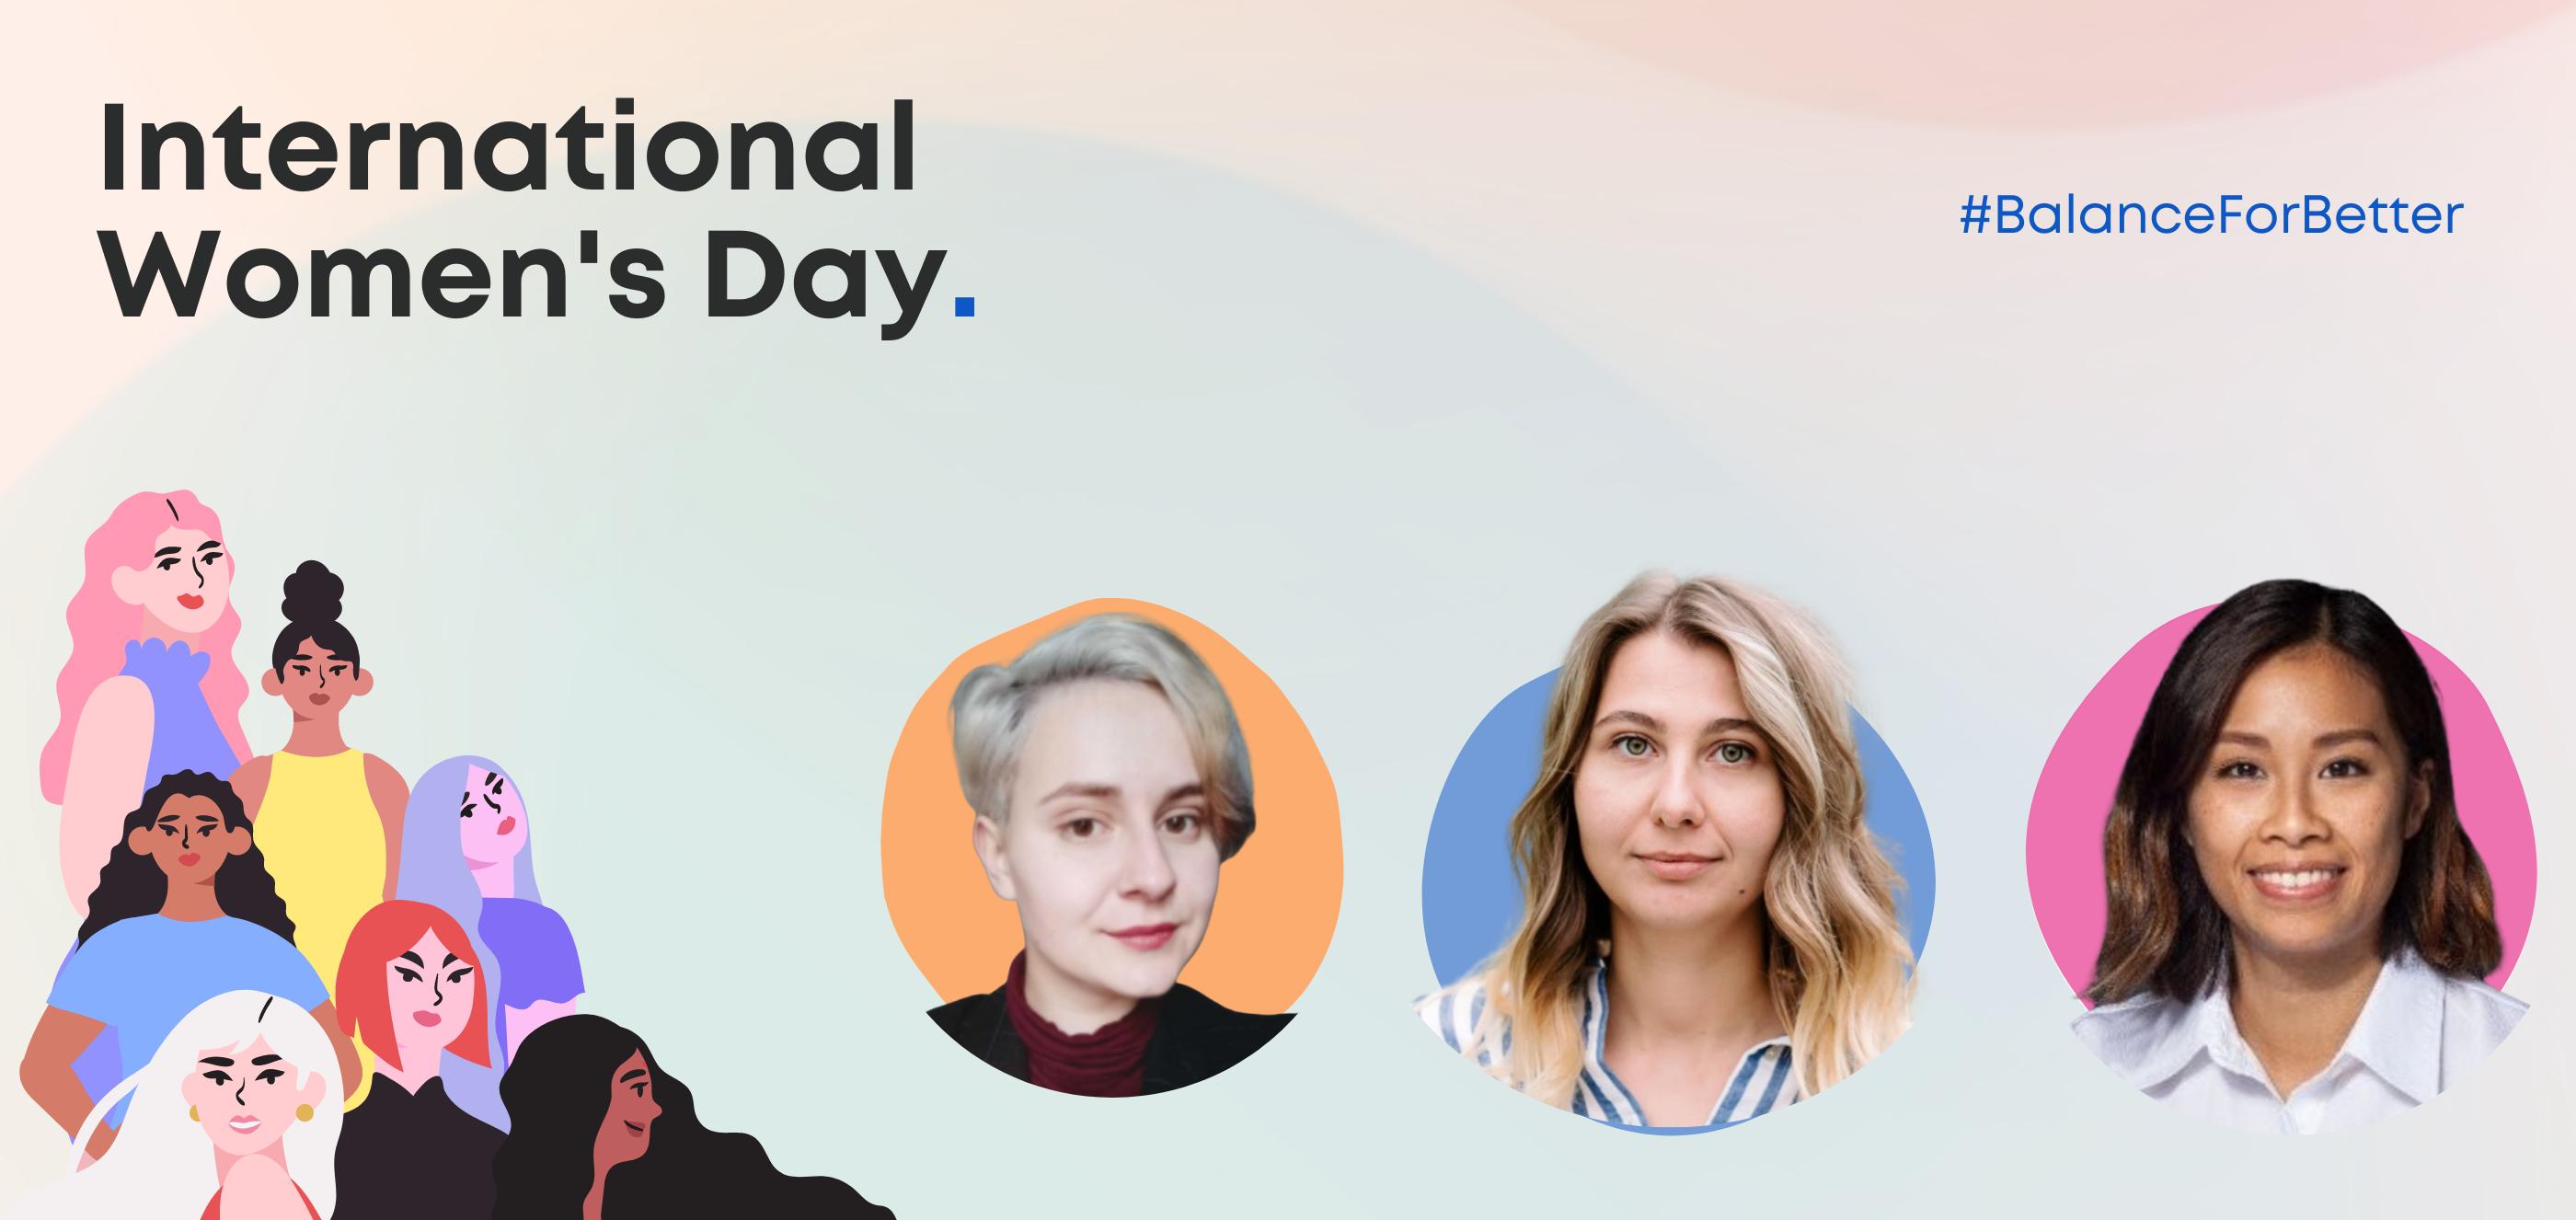 DTransfer Blog - International Women's Day at DTransfer